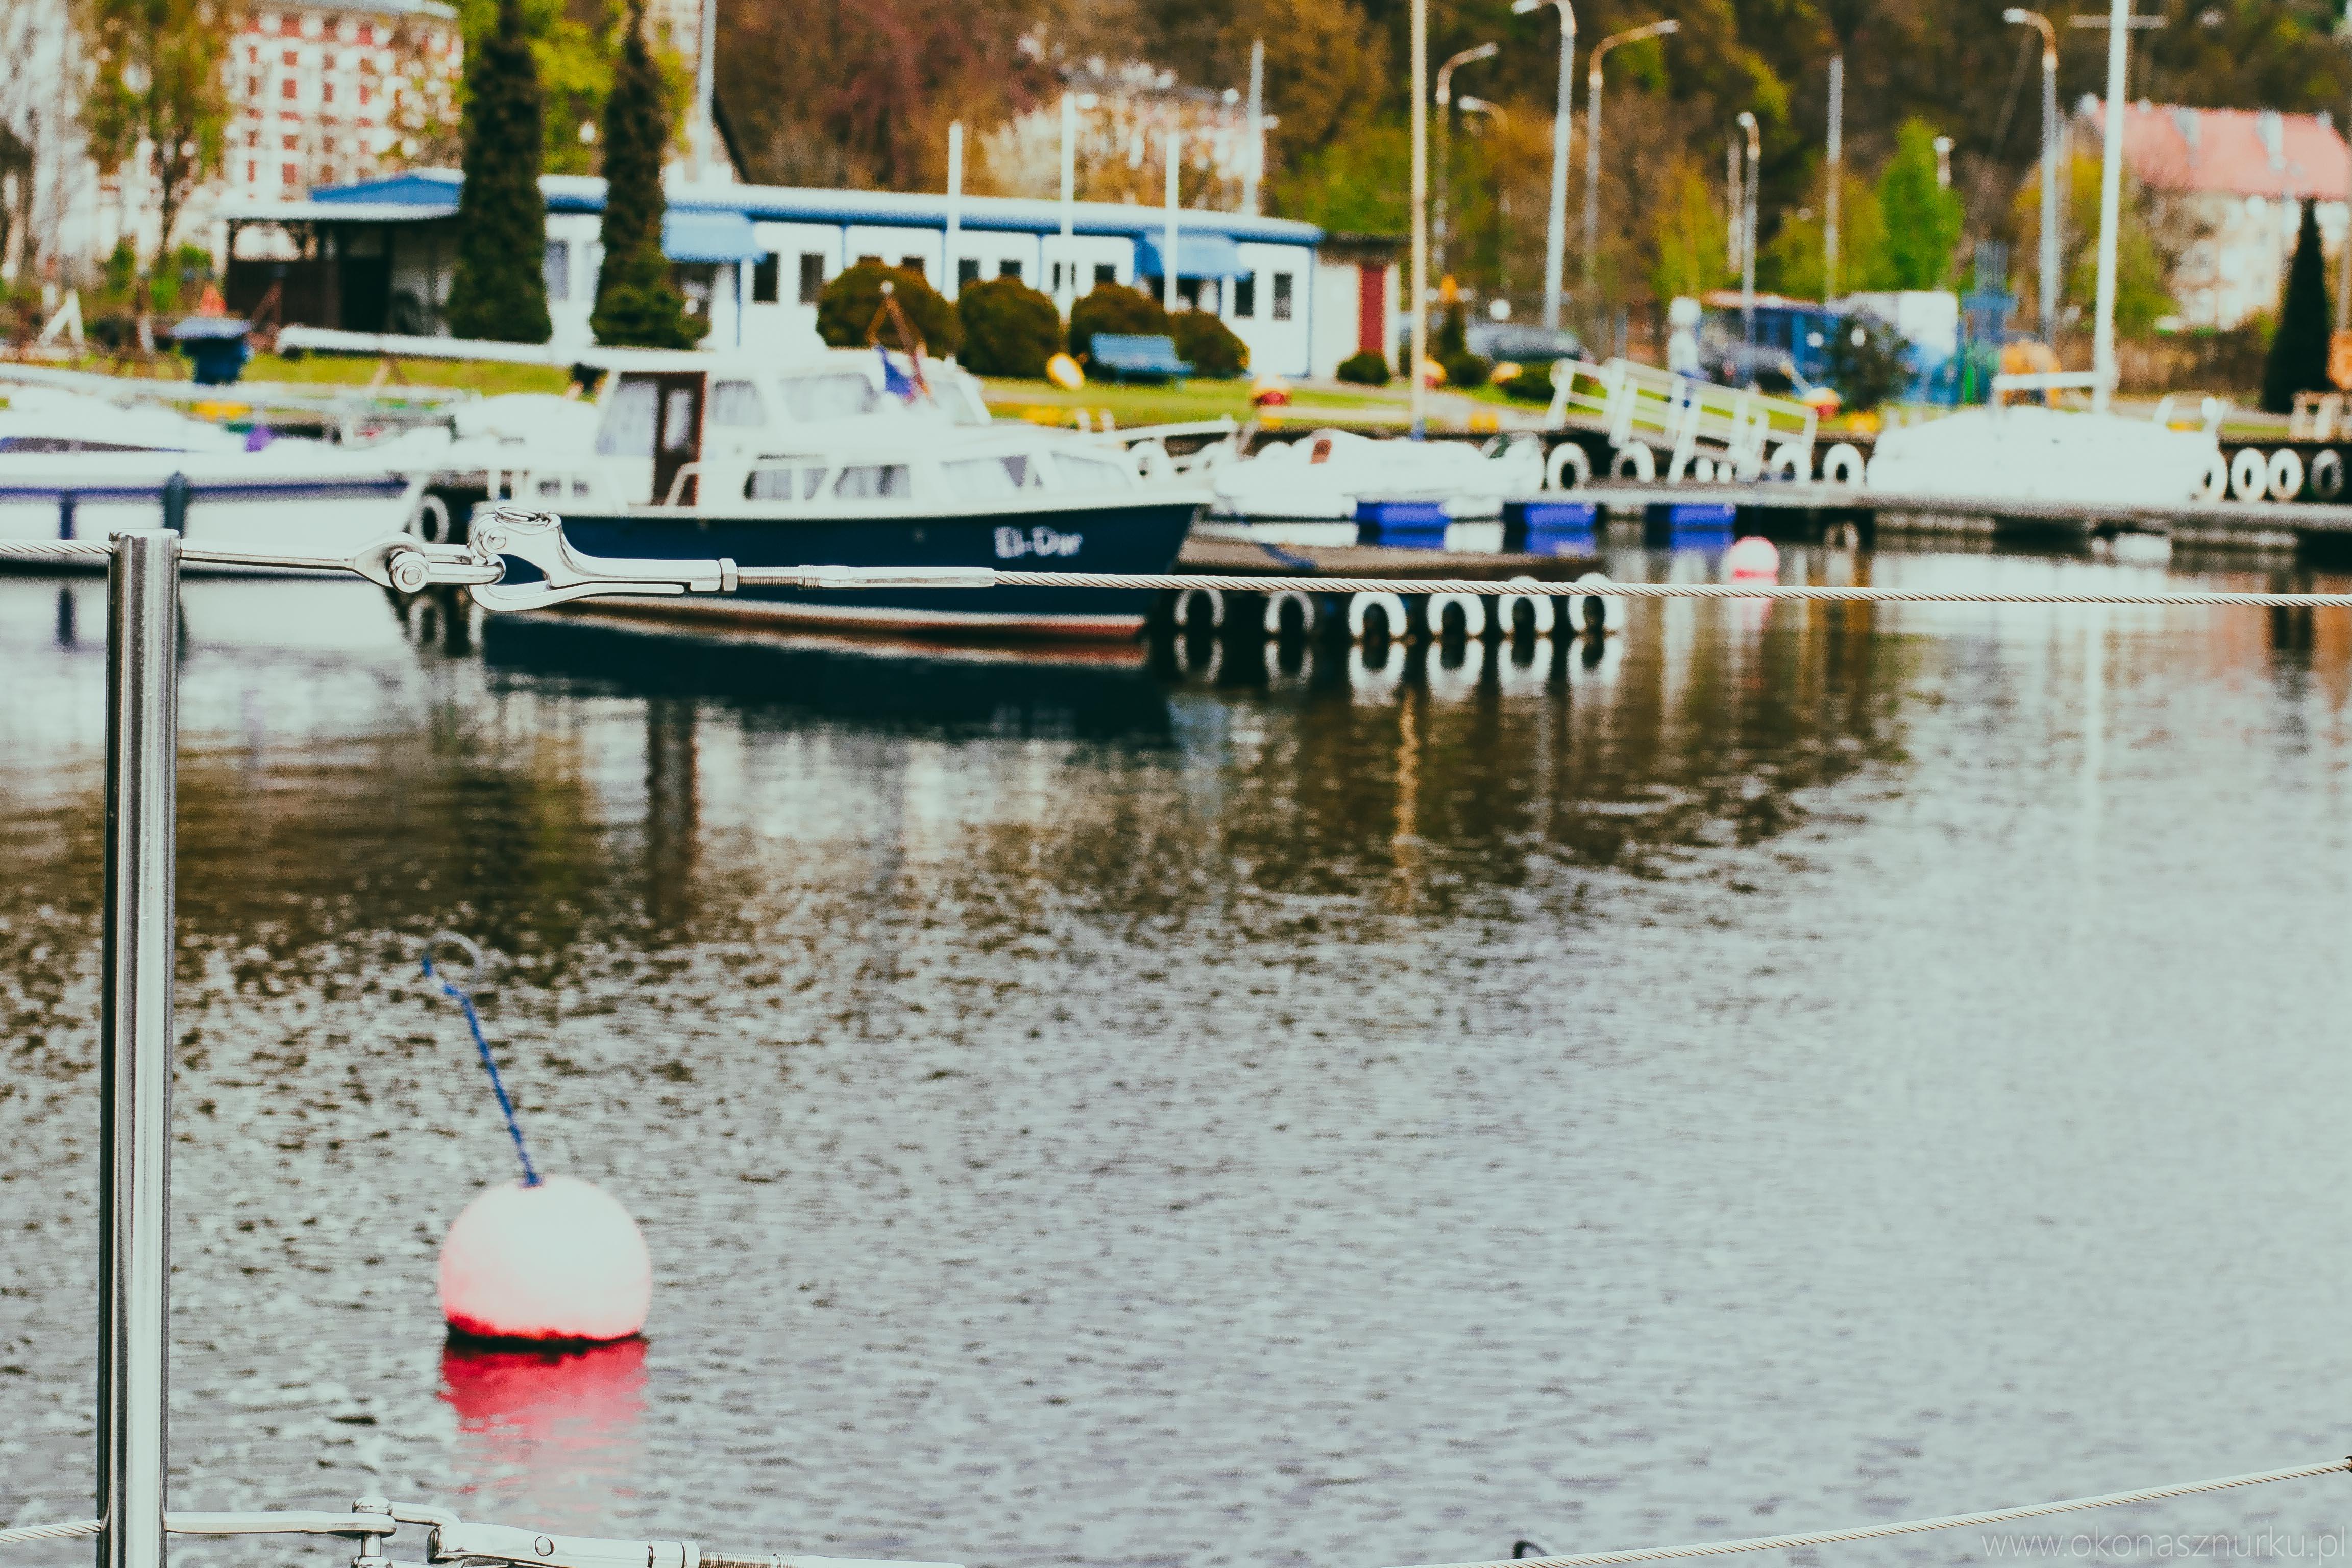 marina-jacht-wyprawy-morskie-silesia-szczecin-goclaw-lubczyna (8)